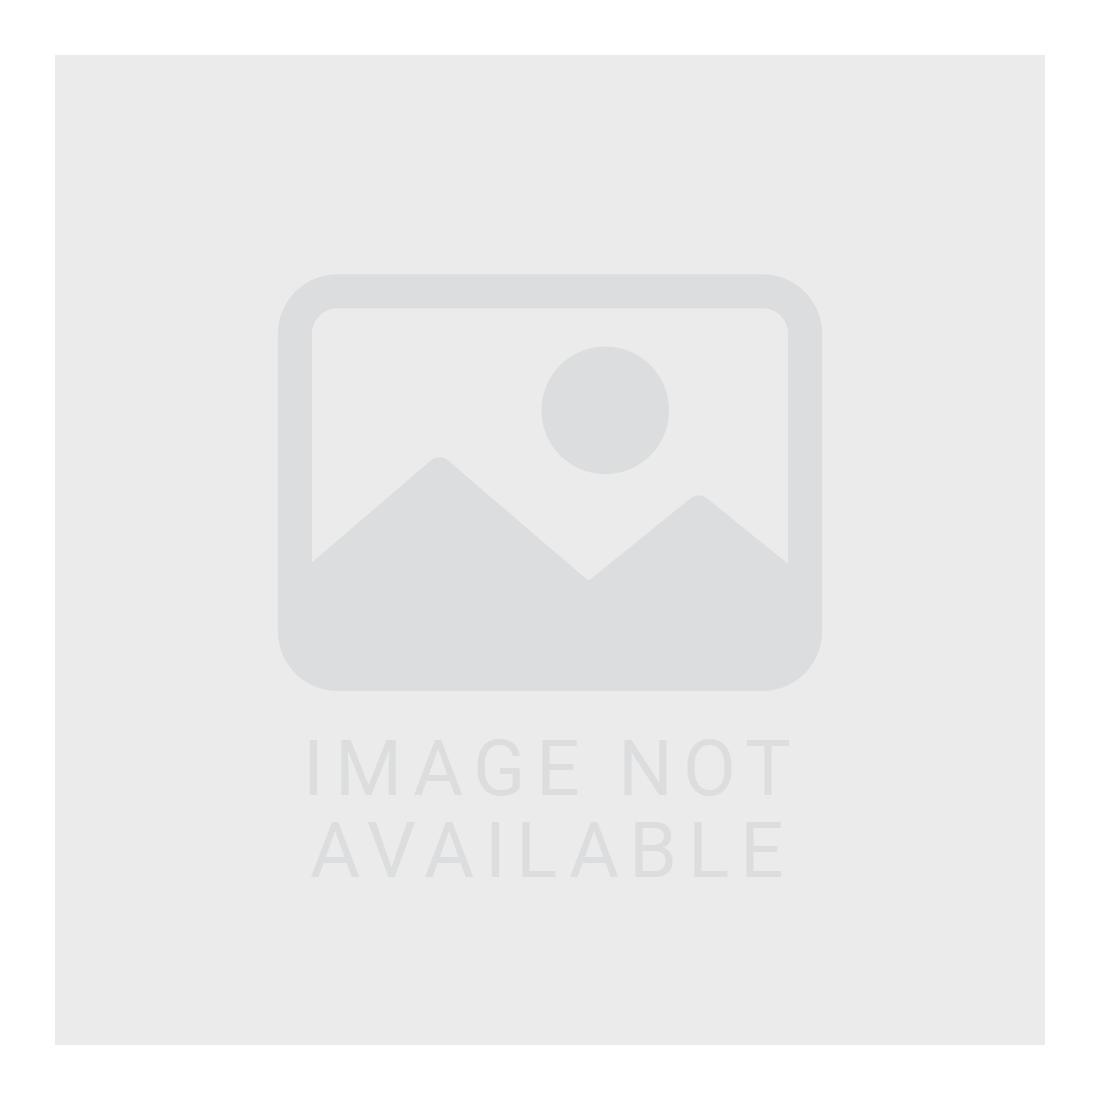 Women's Crew Neck Sweatshirt